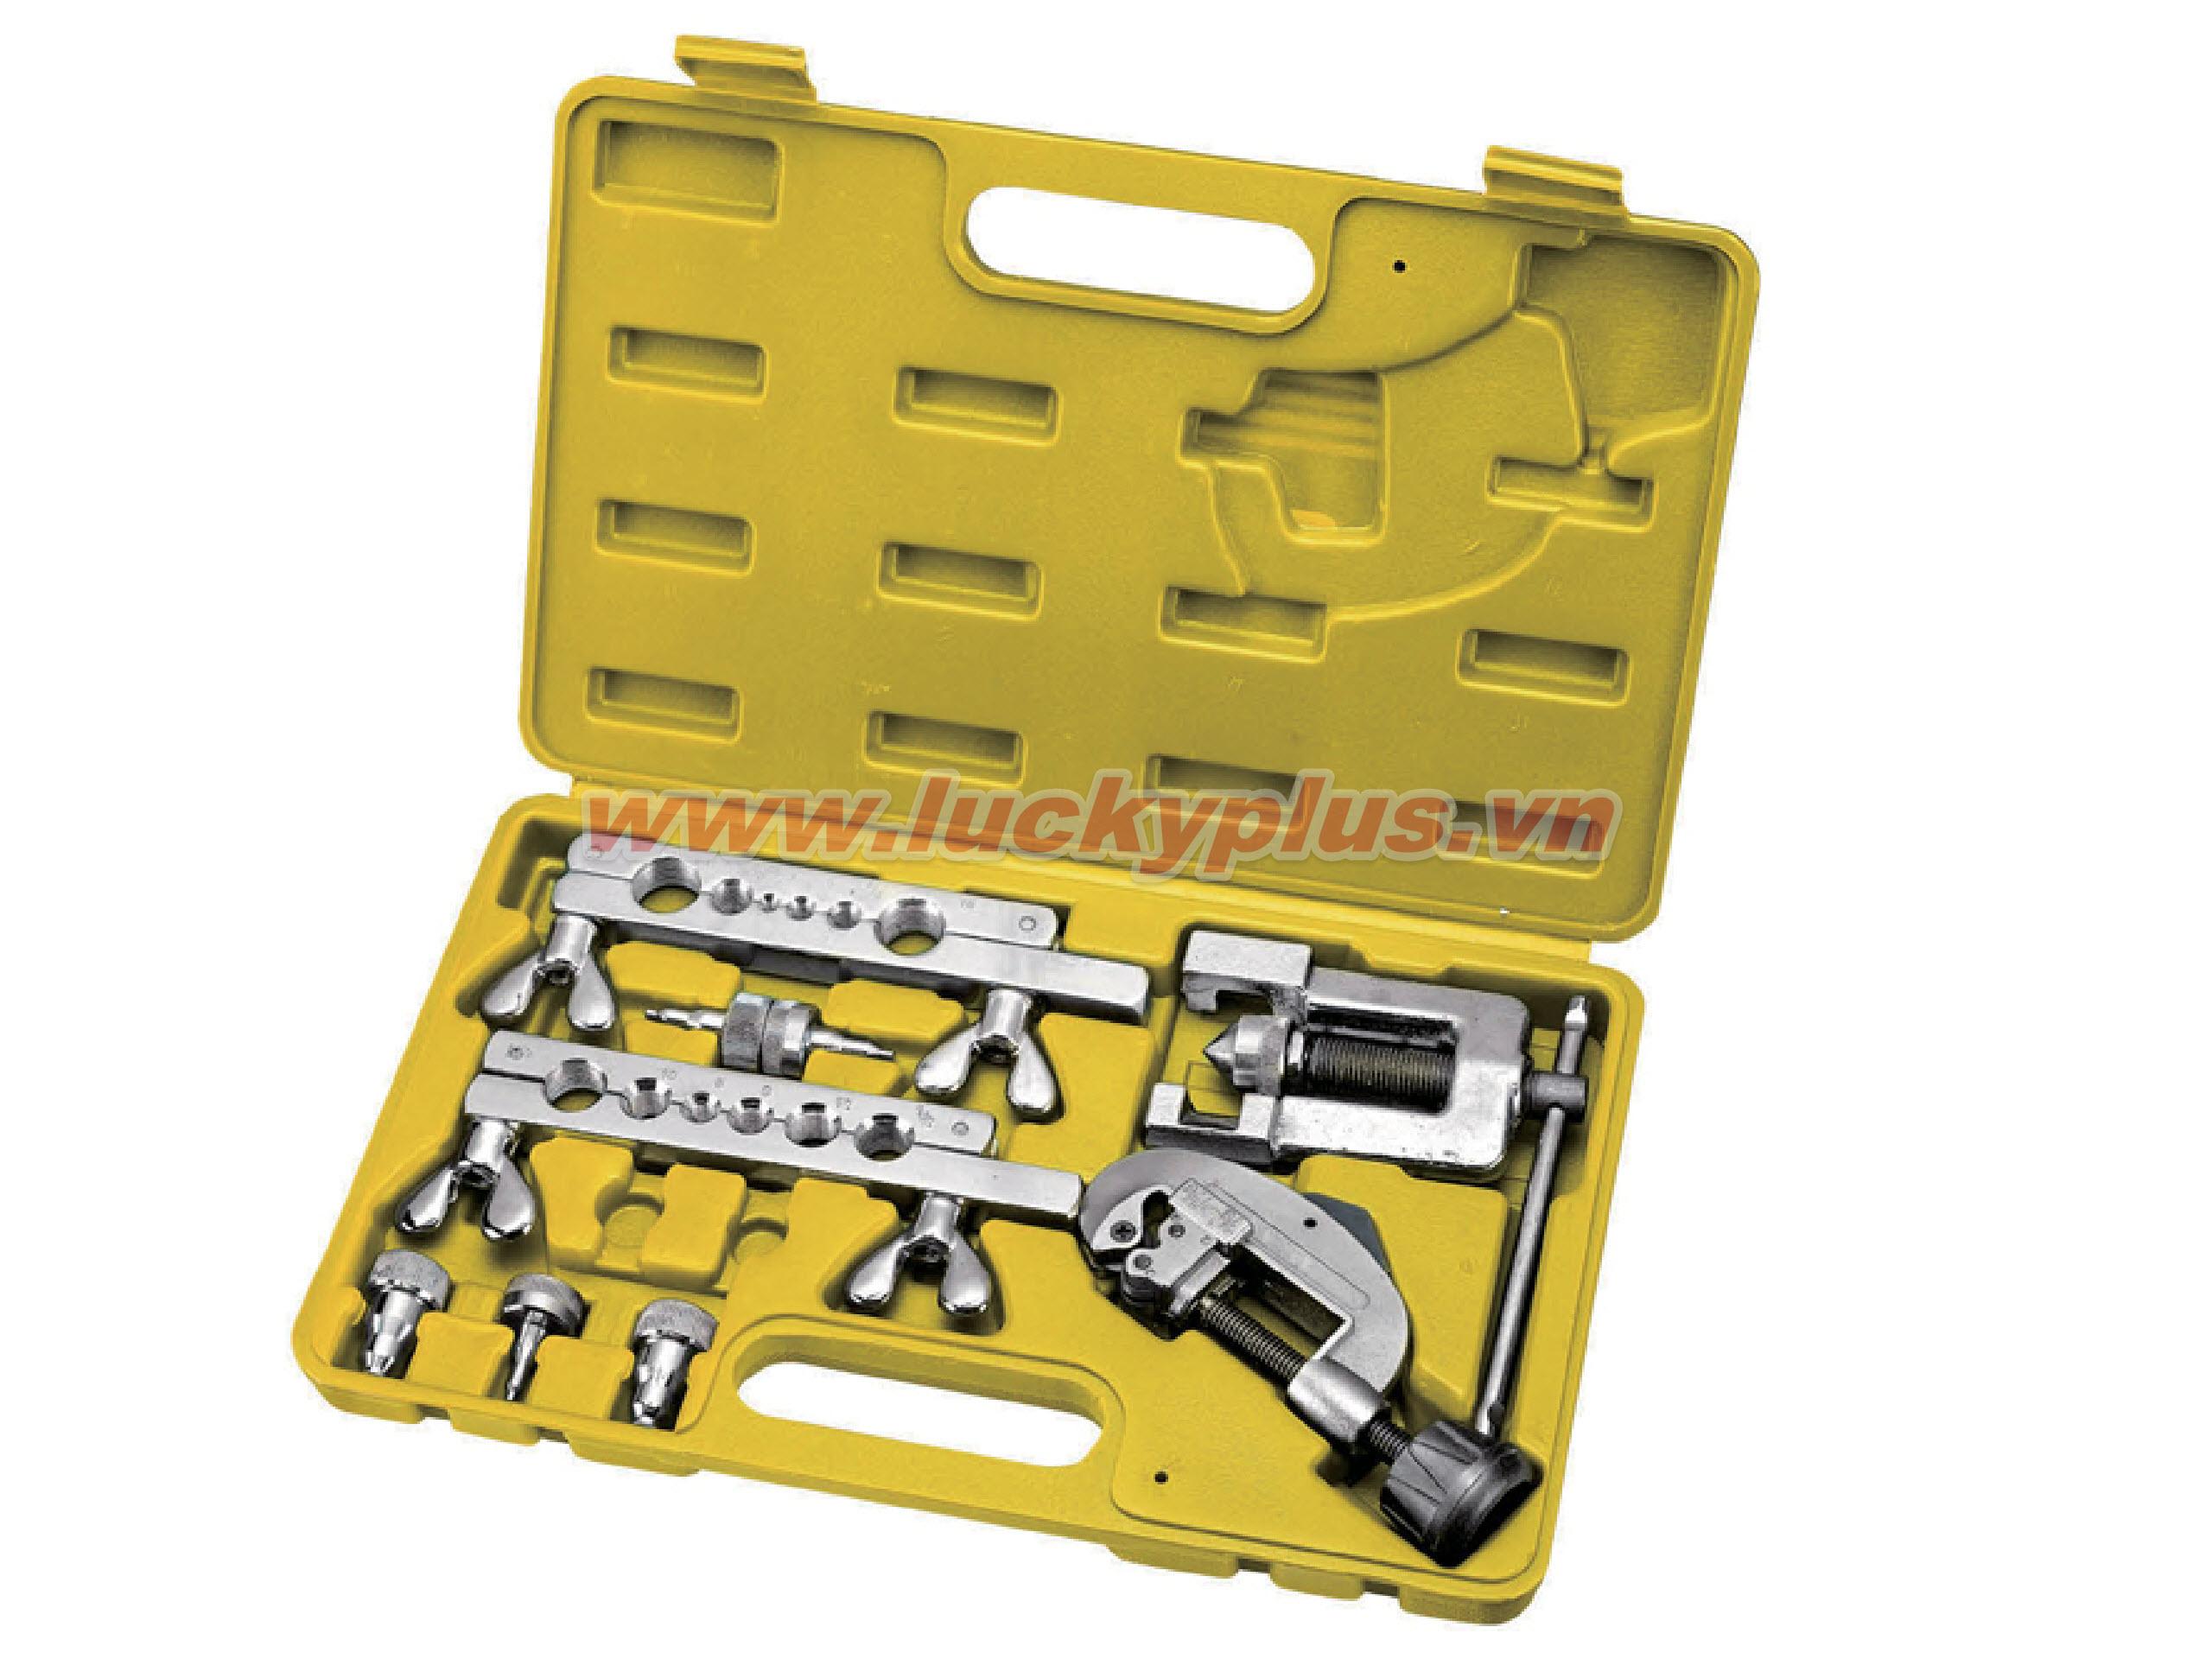 Bộ loe ống đồng FiveSheep FS-85019(L)